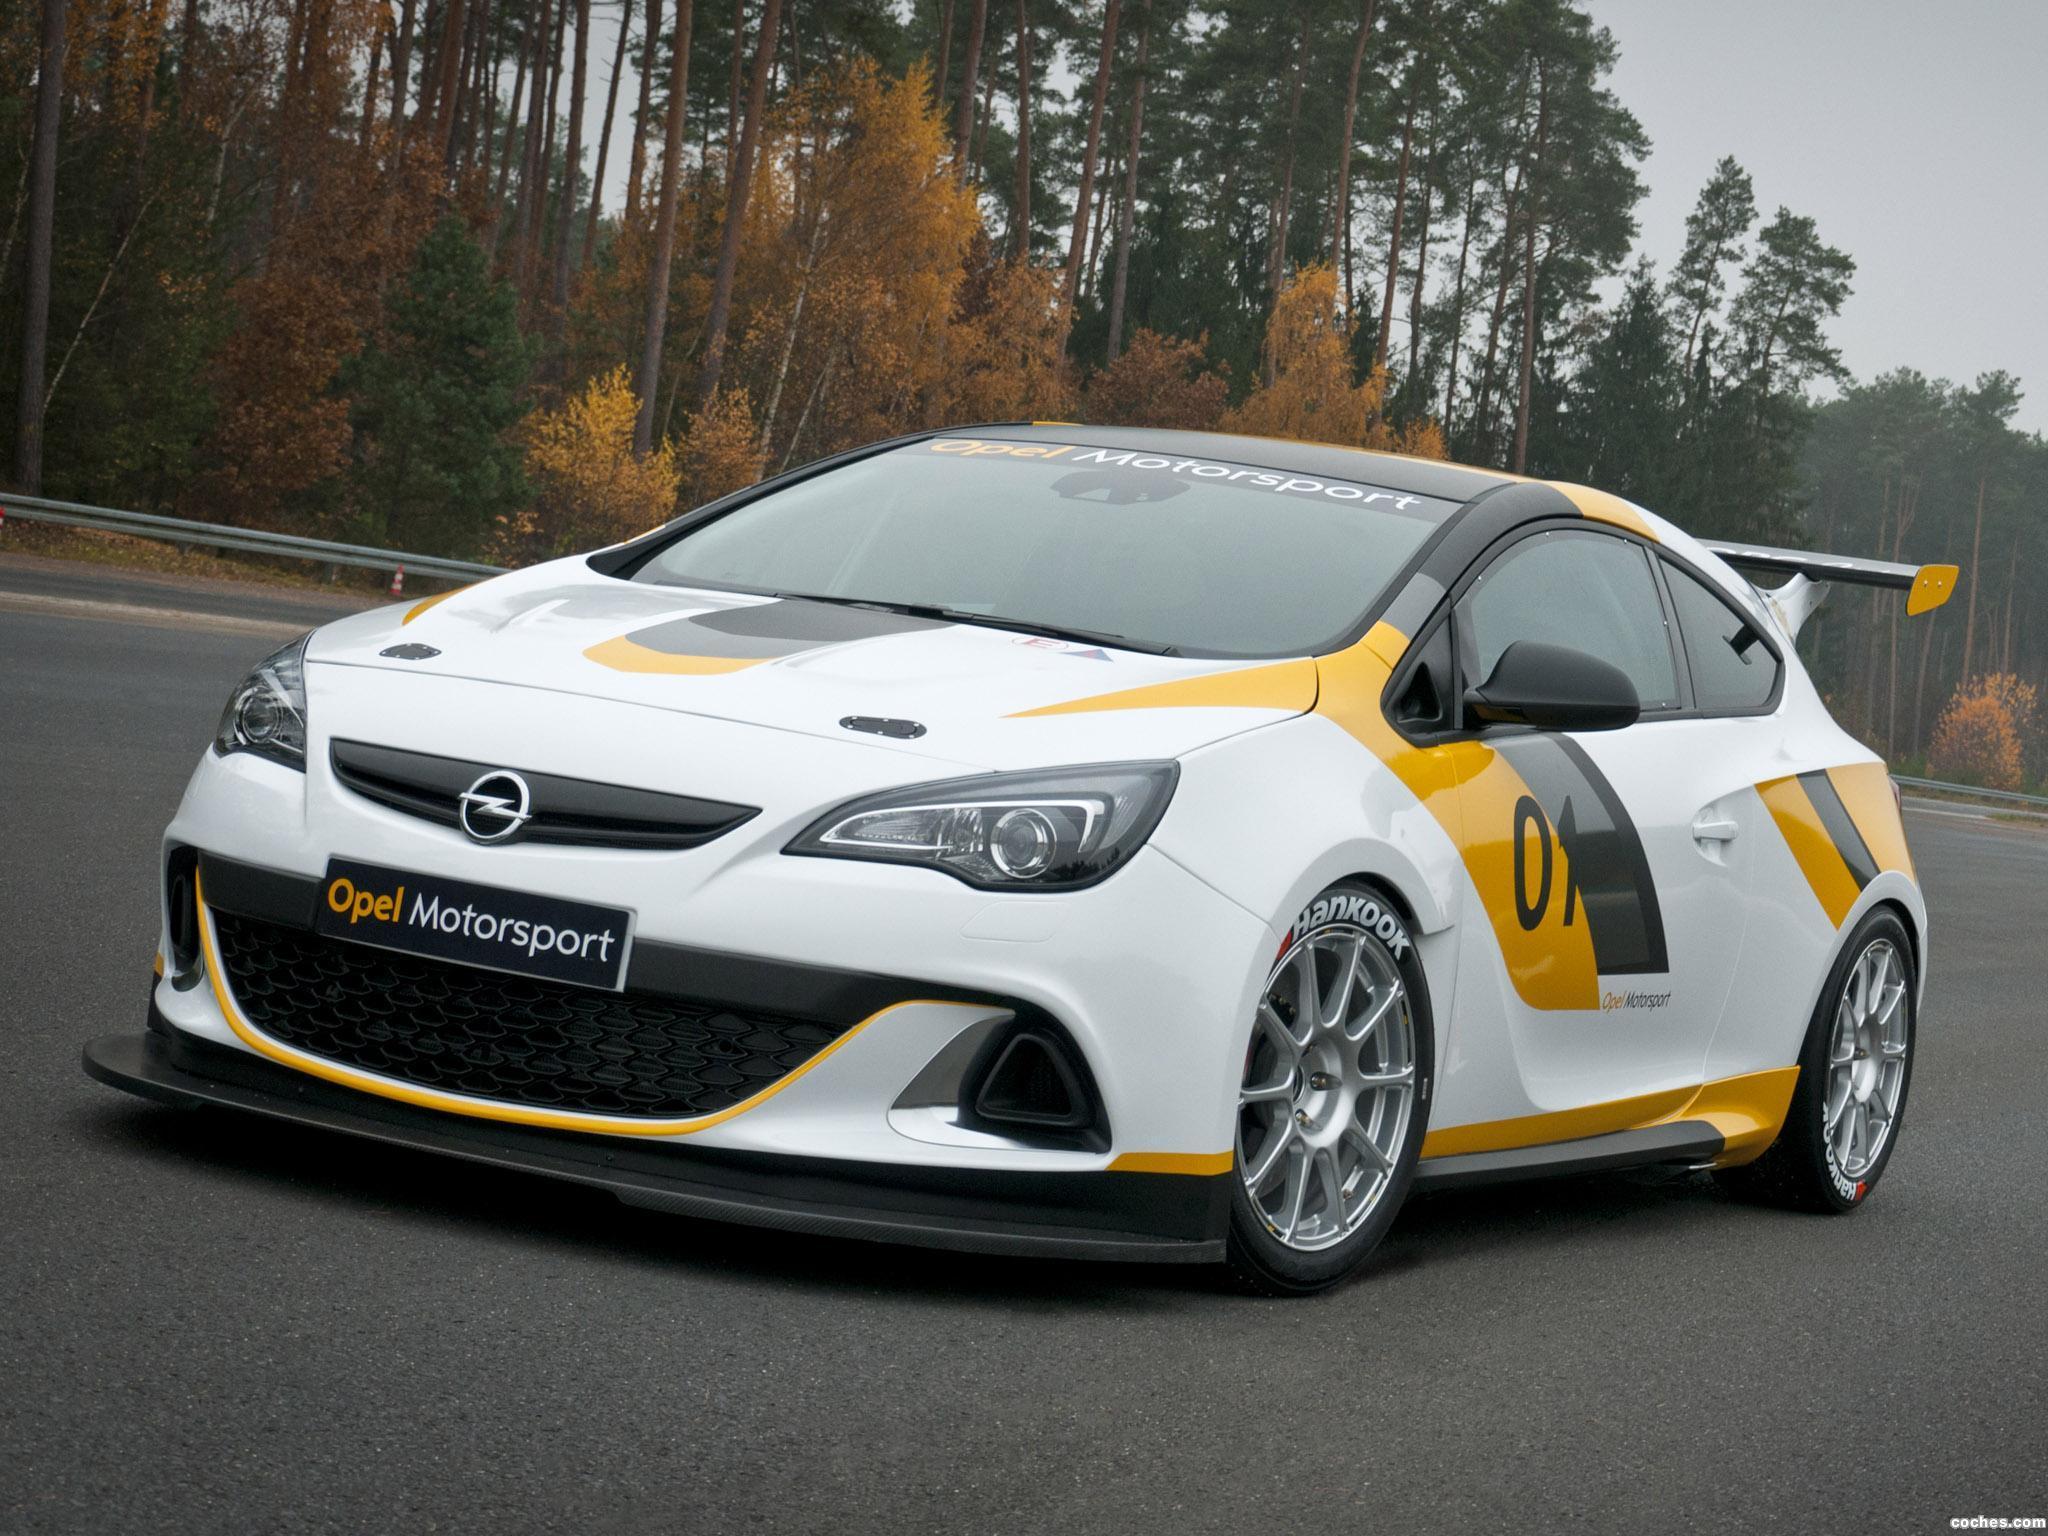 Foto 0 de Opel Astra OPC Cup 2013